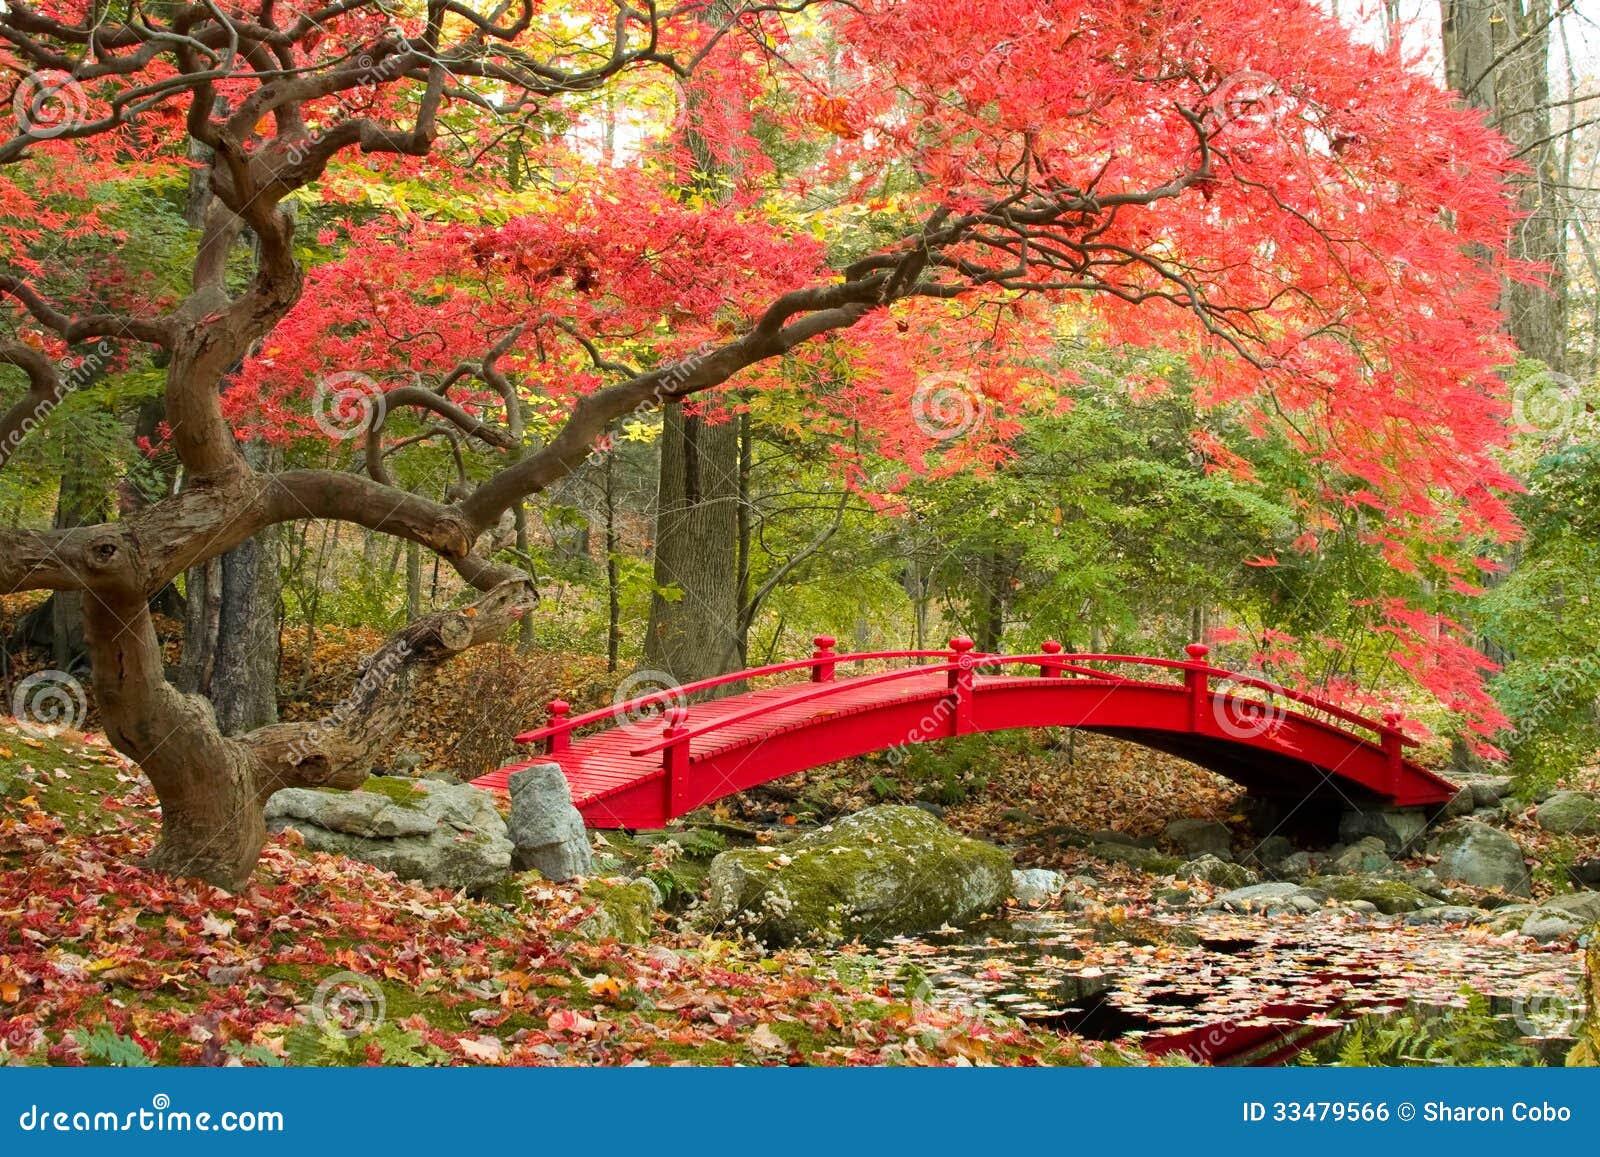 japanese garden red bridge beautiful maple tree autumn 33479566